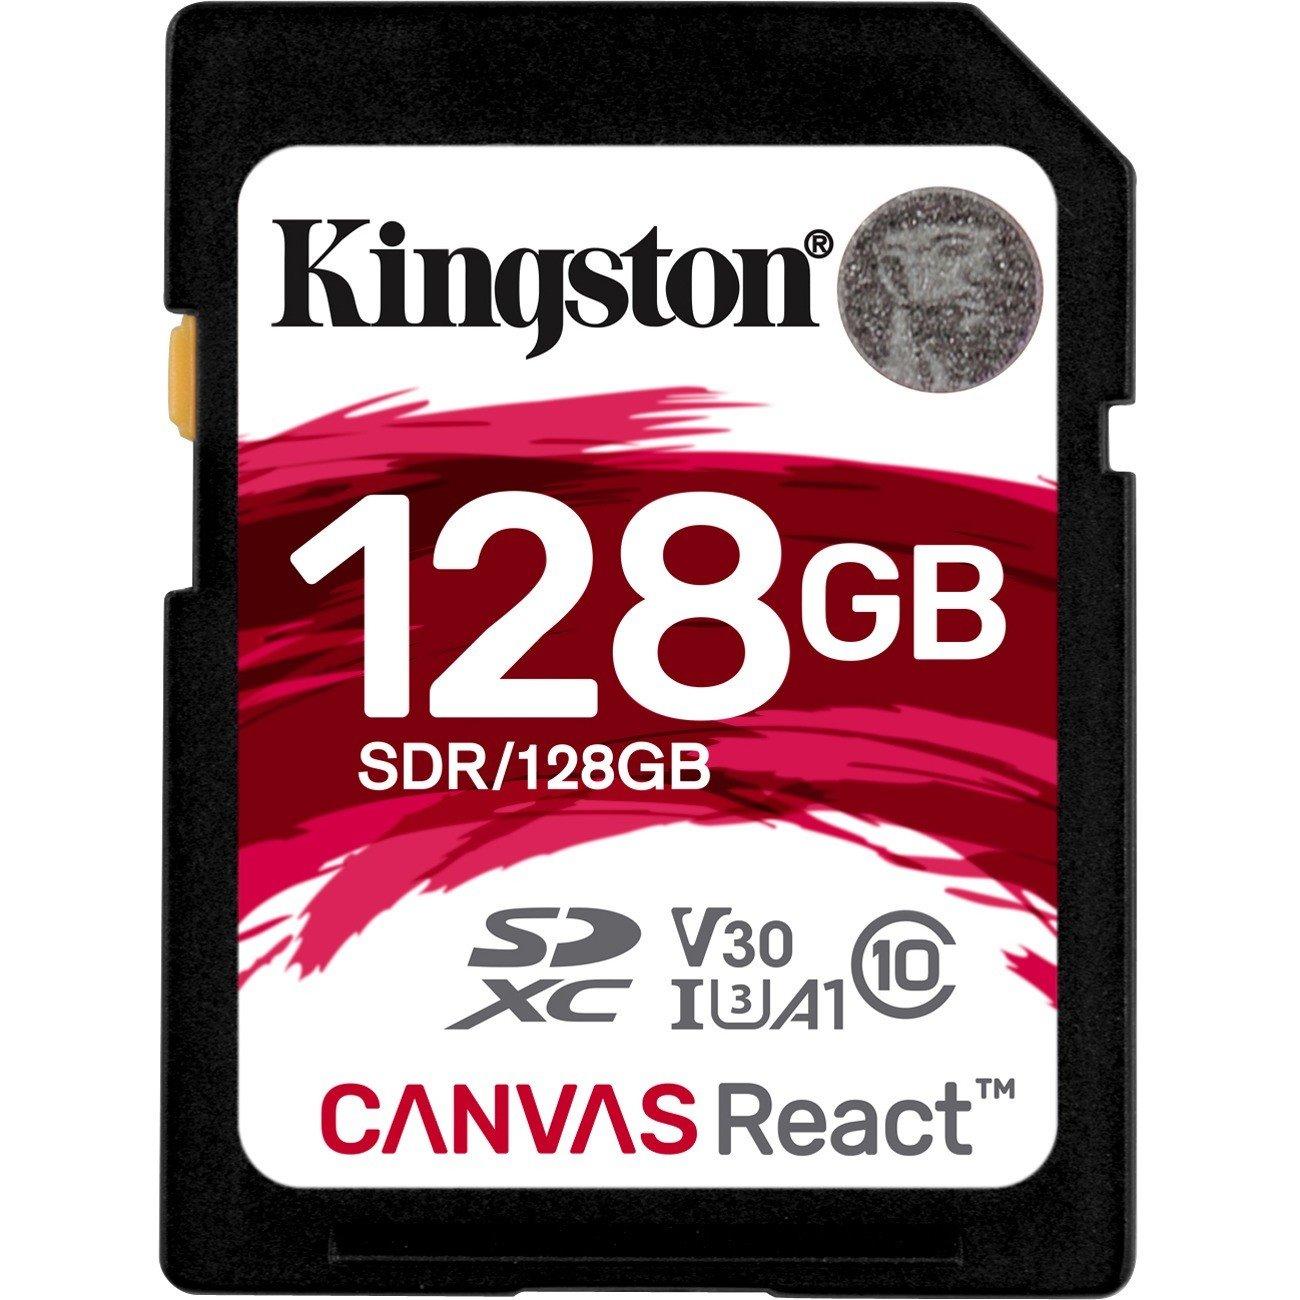 Kingston Canvas React 128 GB SDXC